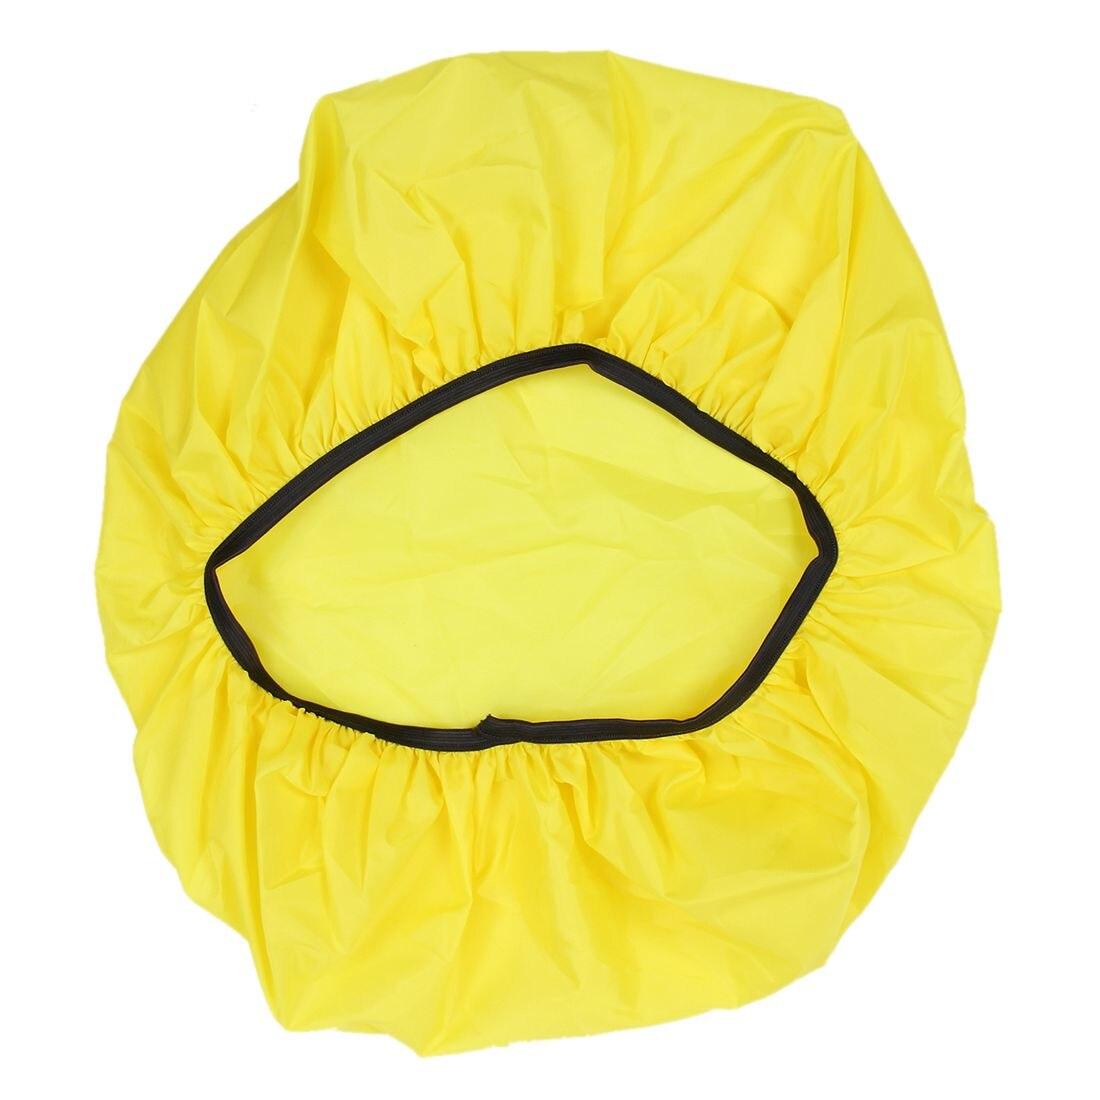 Новый Водонепроницаемый дорожный аксессуар рюкзак пыль дождевик 35L, желтый